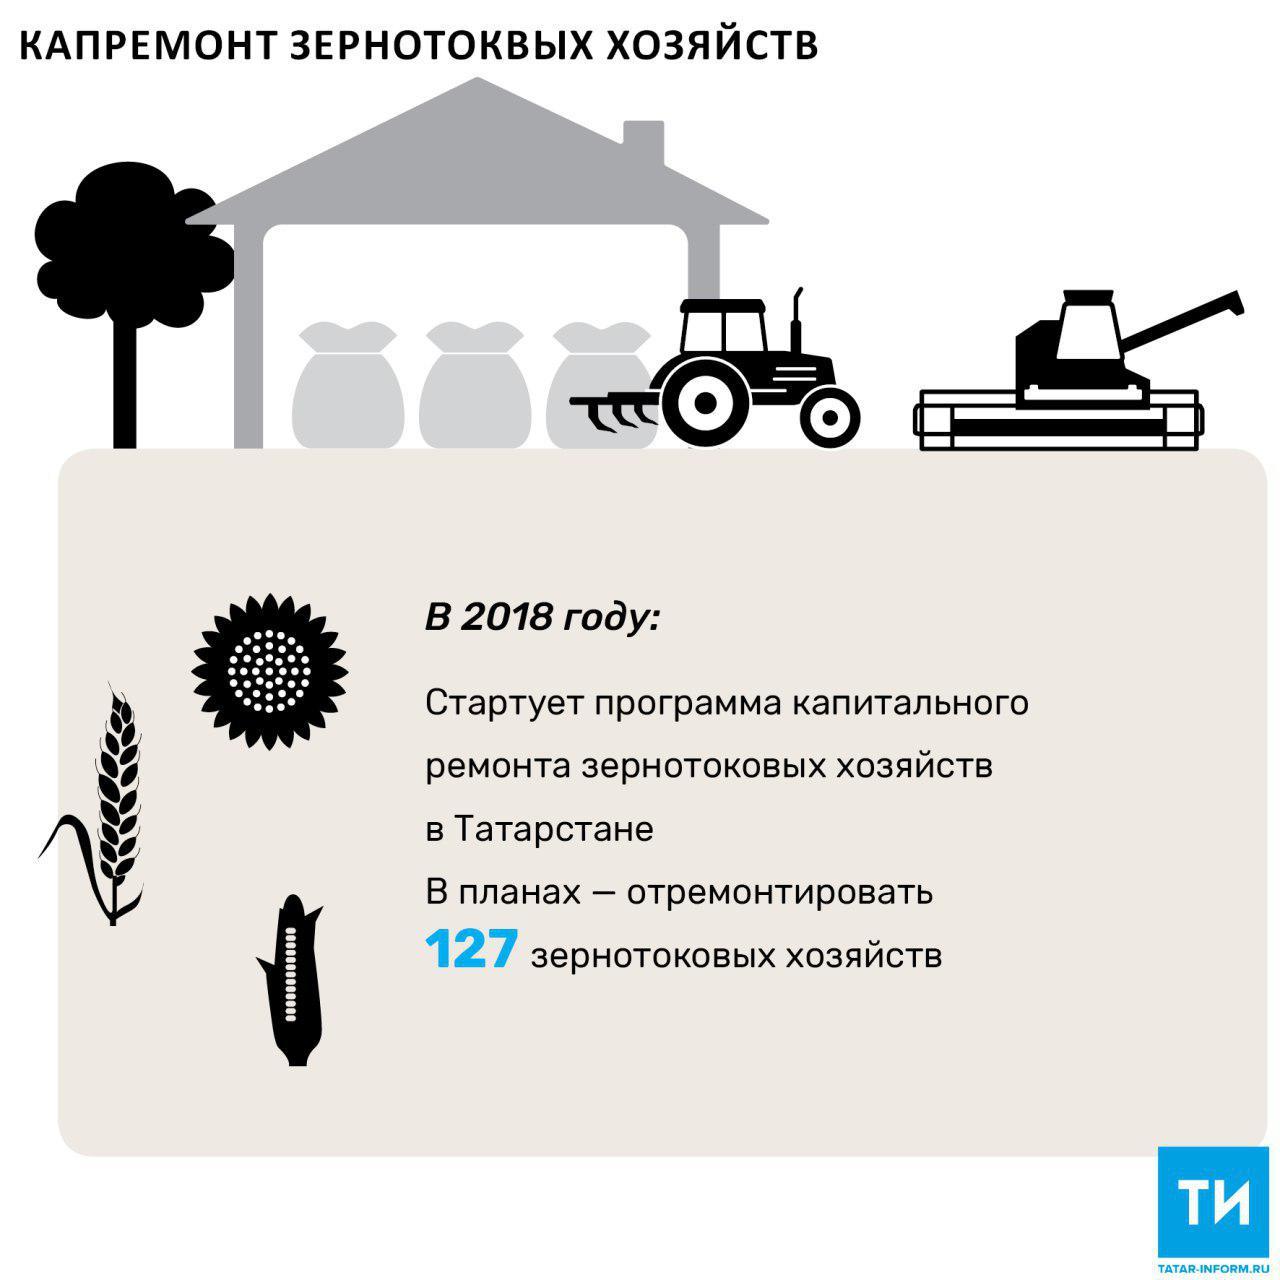 С 2018 года Татарстан начнет программу капитального ремонта зернотоковых хозяйств